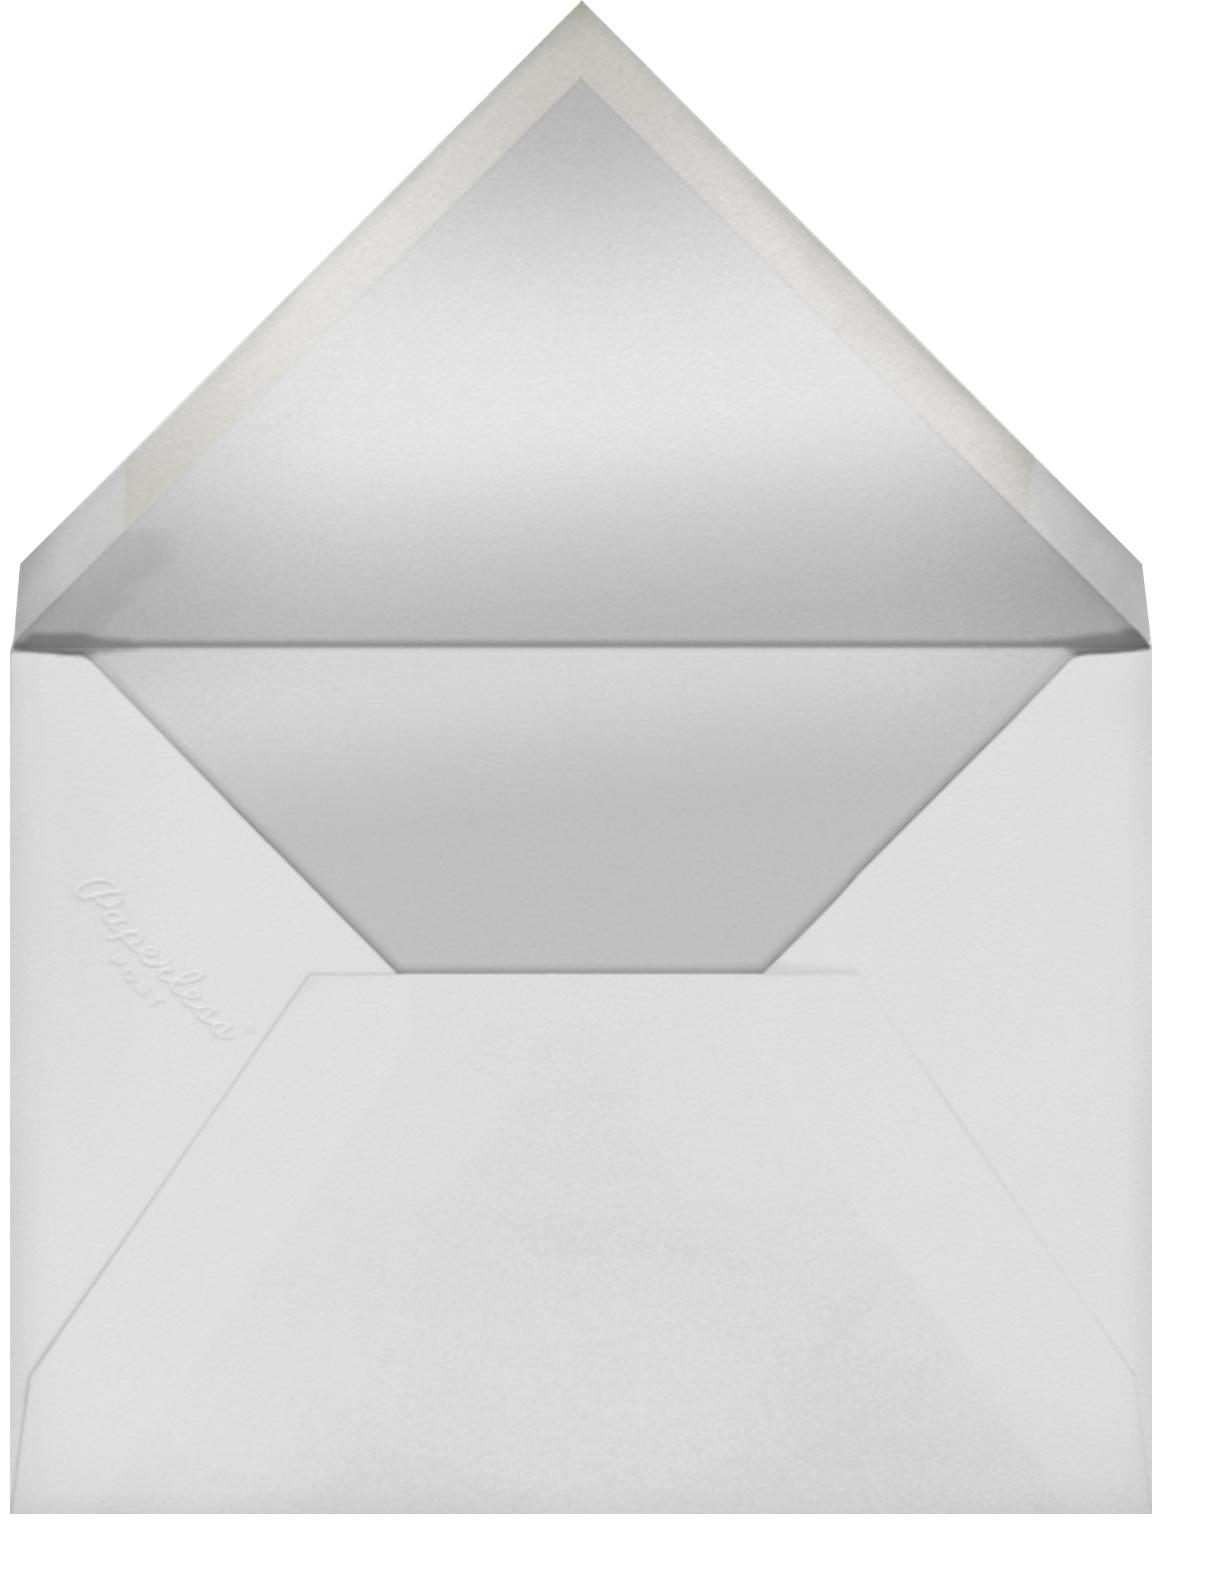 Iconic (Menu) - Lavender/White - Paperless Post - Menus - envelope back